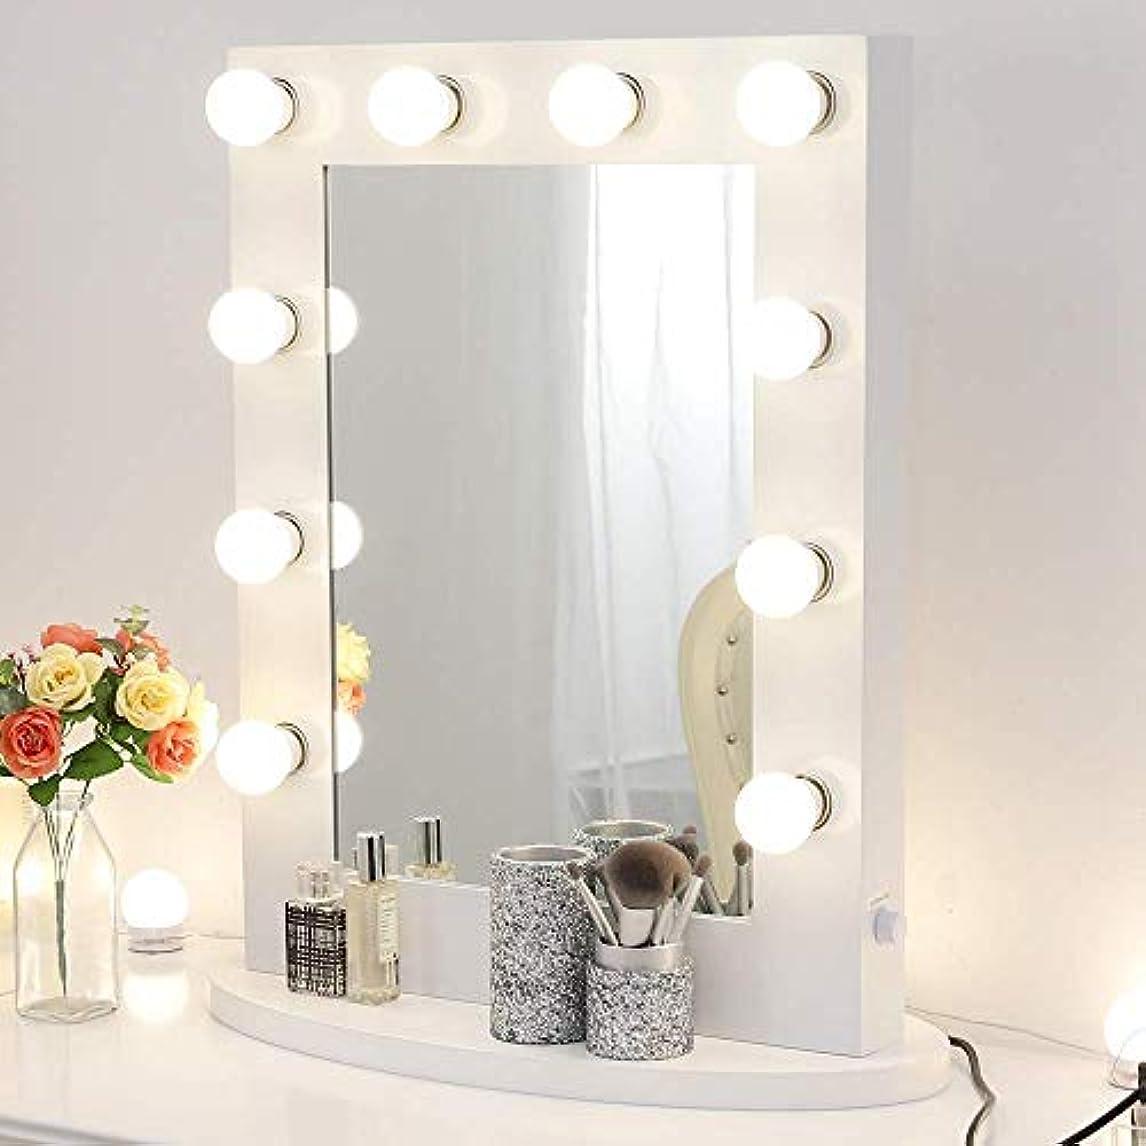 褒賞在庫エクステント女優ミラー 大型 65*50cm 無段階調光?コンセント付き 壁掛け LED ライト付き 化粧鏡 ハリウッドミラー ドレッサー (ホワイト)